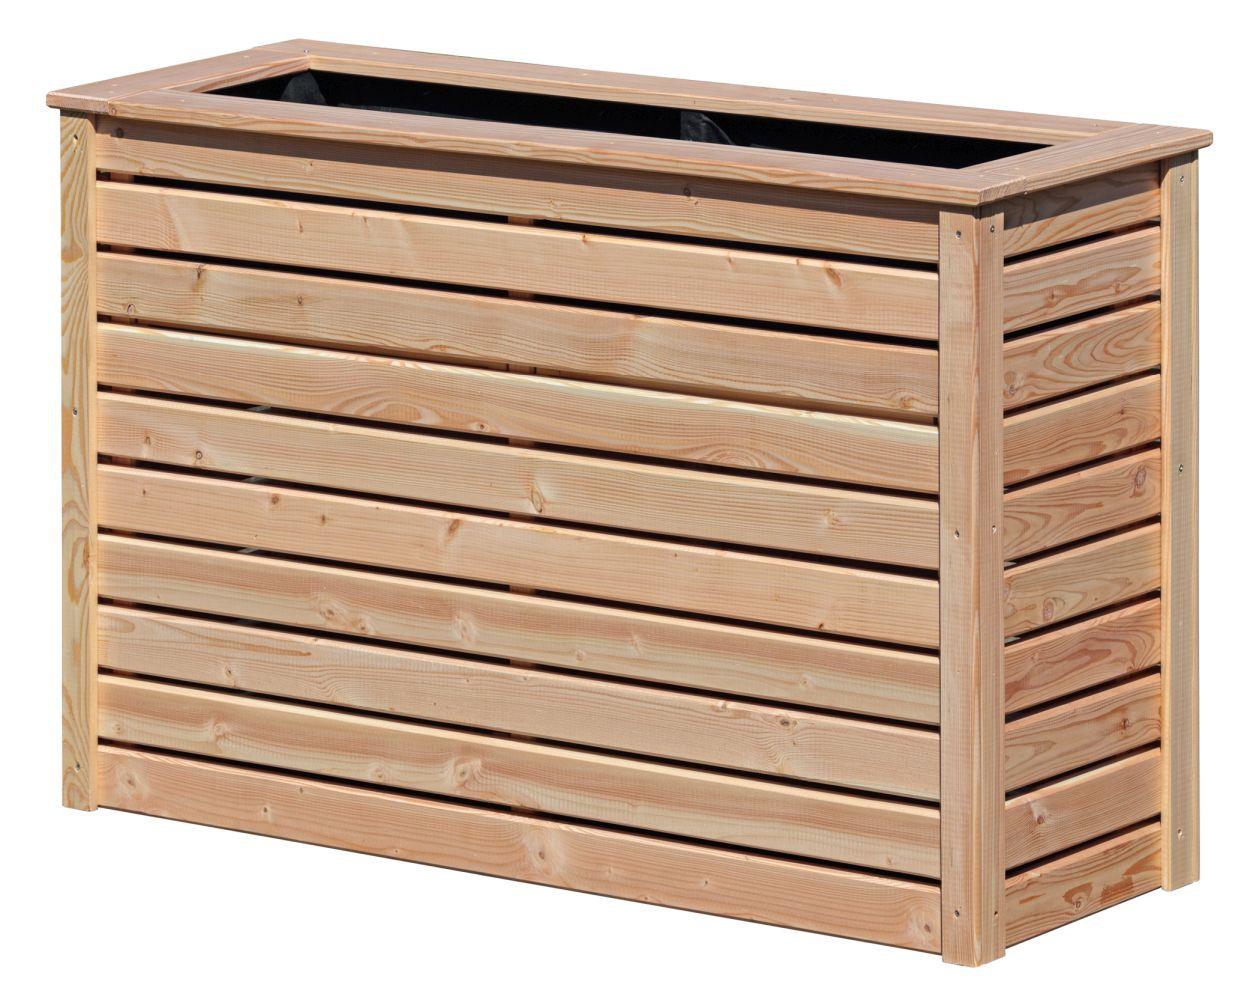 Hochbeet 03 - aus LÄRCHENHOLZ, FSC® - Abmessungen: 125 x 45 x 80 cm (B x T x H)